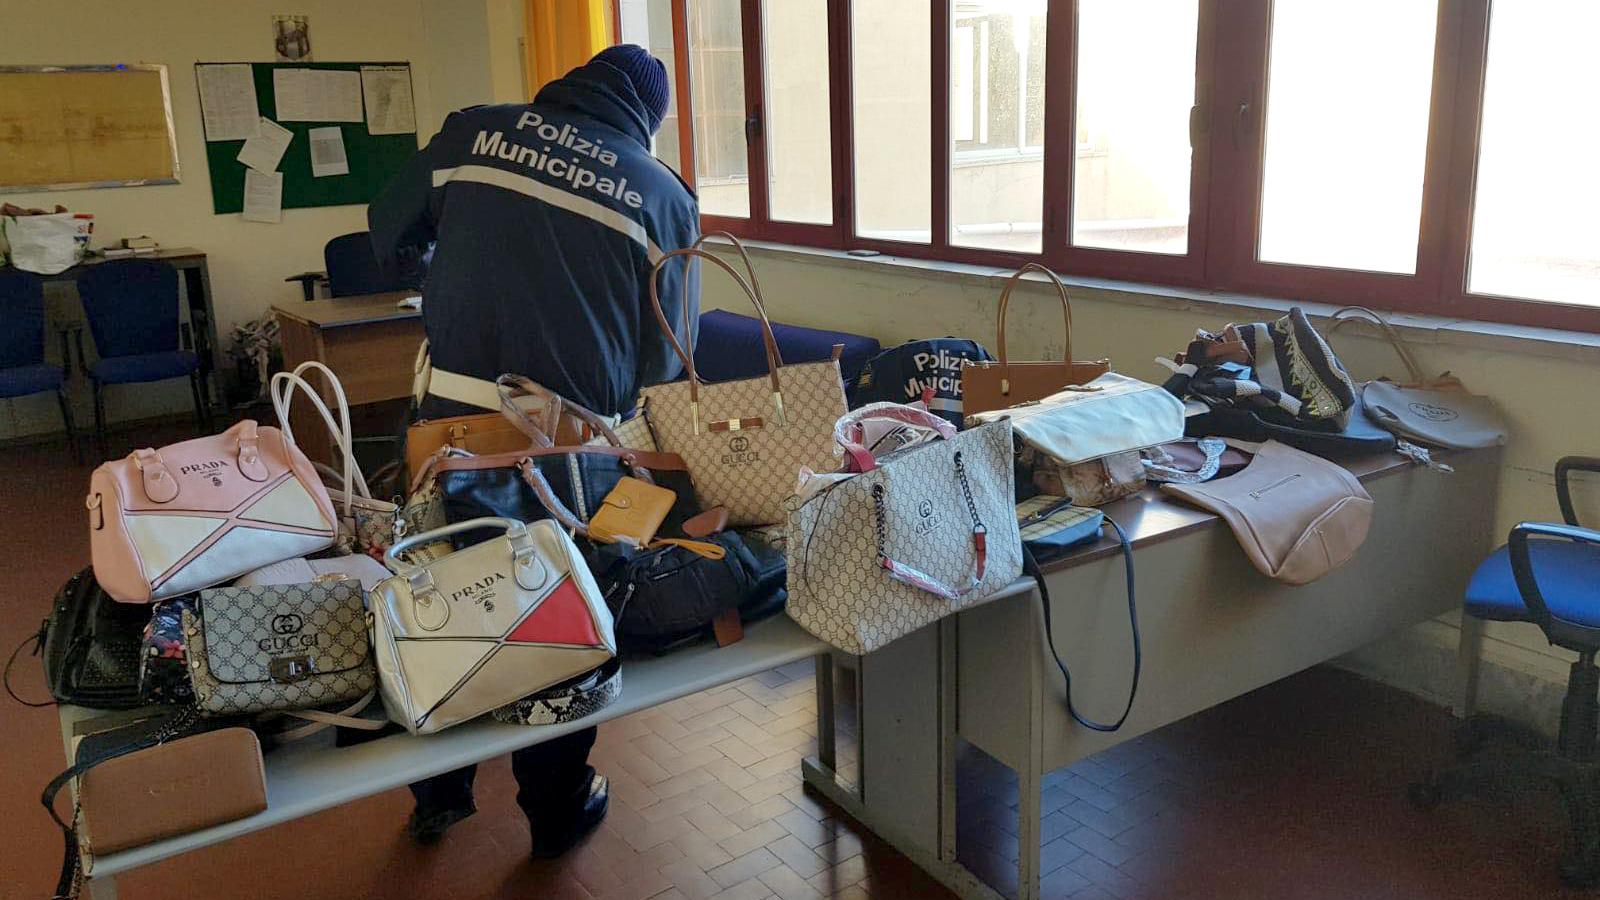 borse griffate false sequestrate dalla polizia municipale in centro a messina